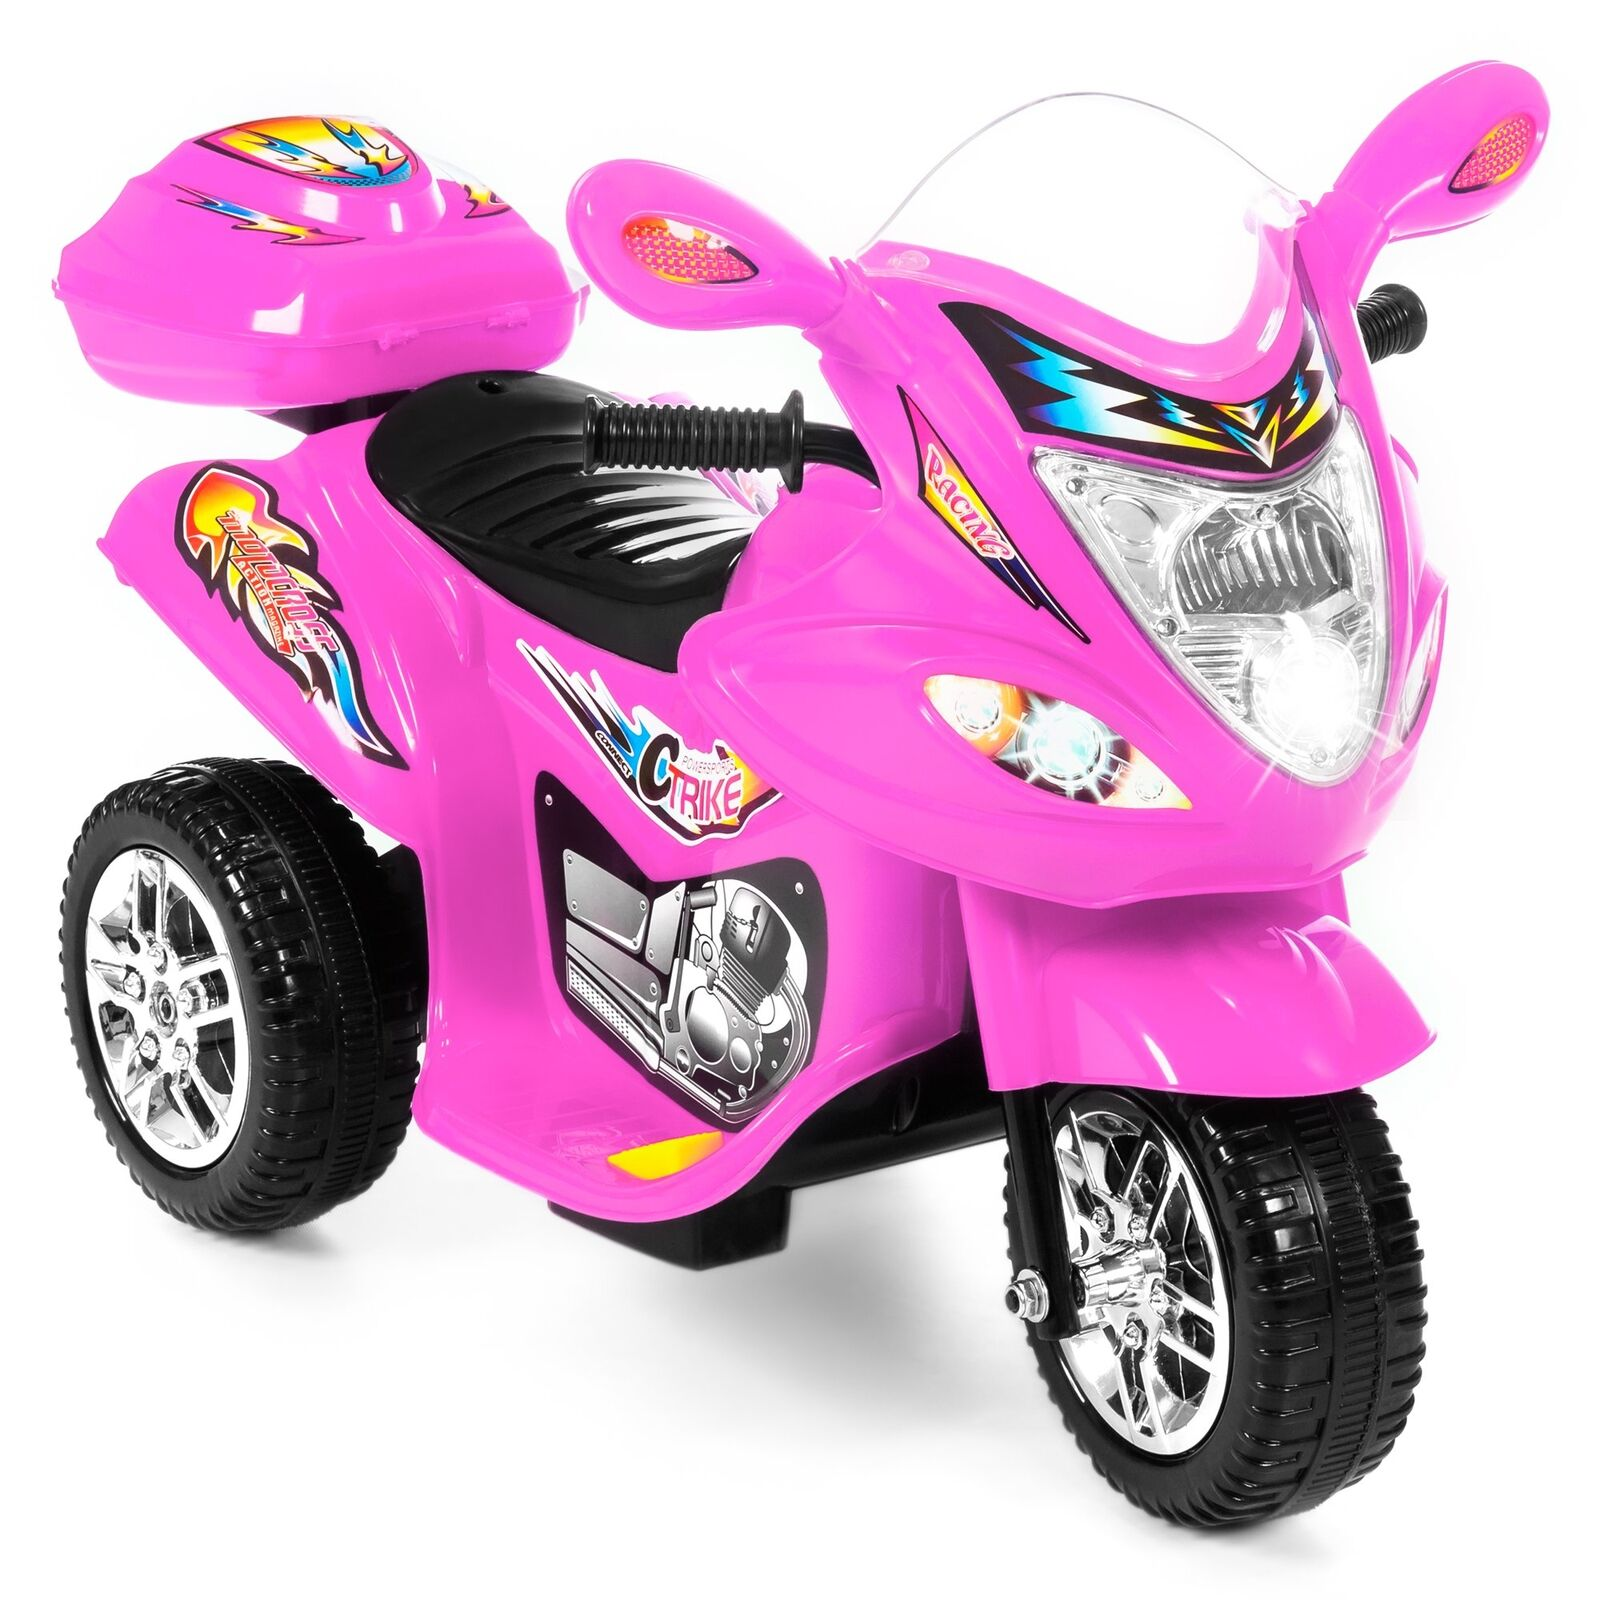 Beste wahl waren kinder reiten auf batteriebetriebene 6v 3 rad motorrad spielzeug - Rosa